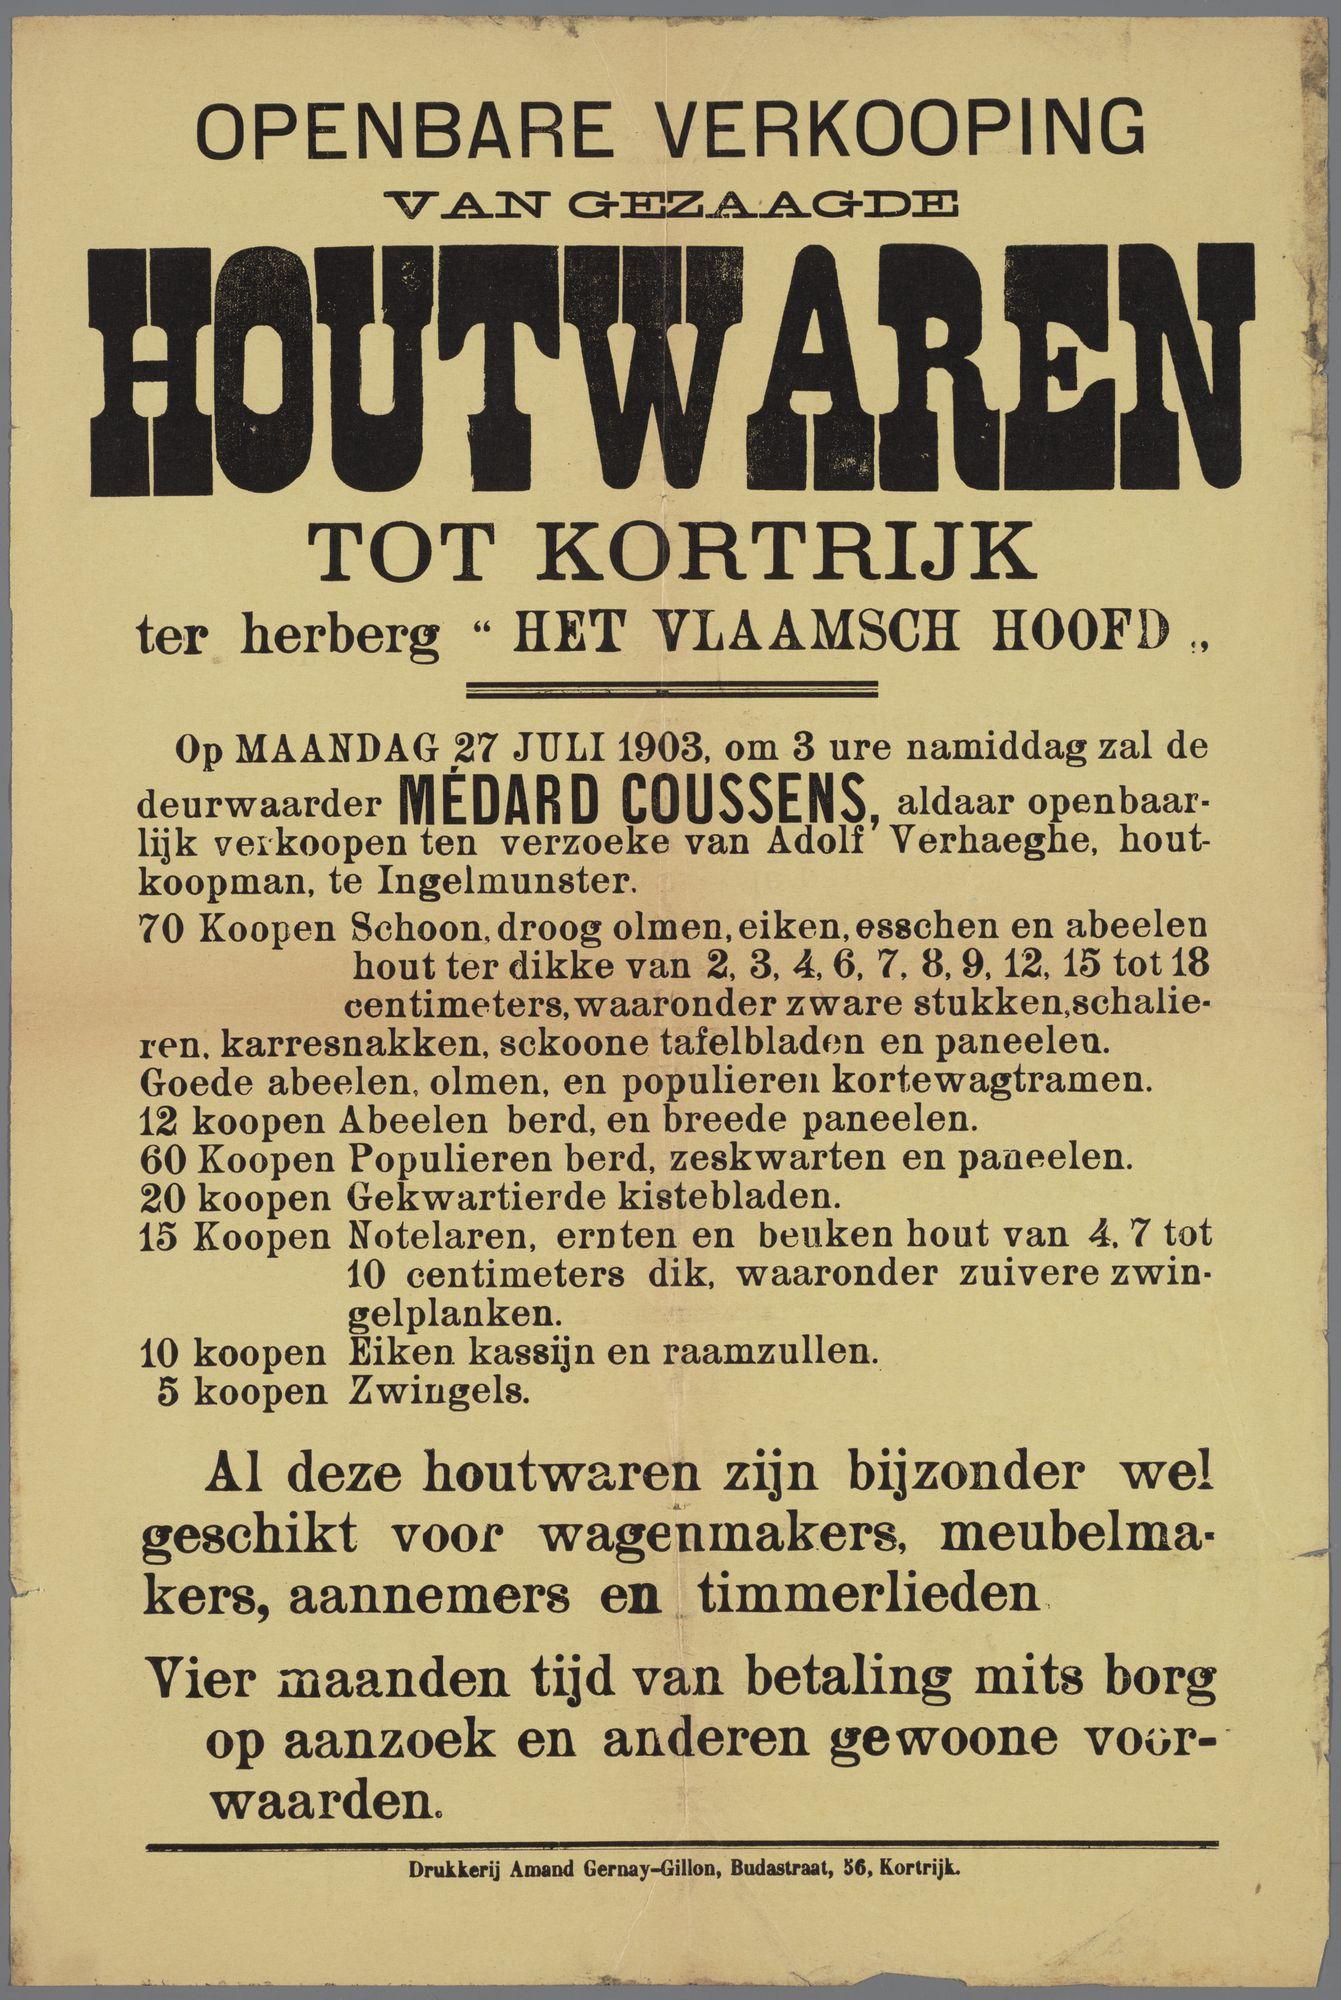 Verkoop van gezaagde houtwaren 1903